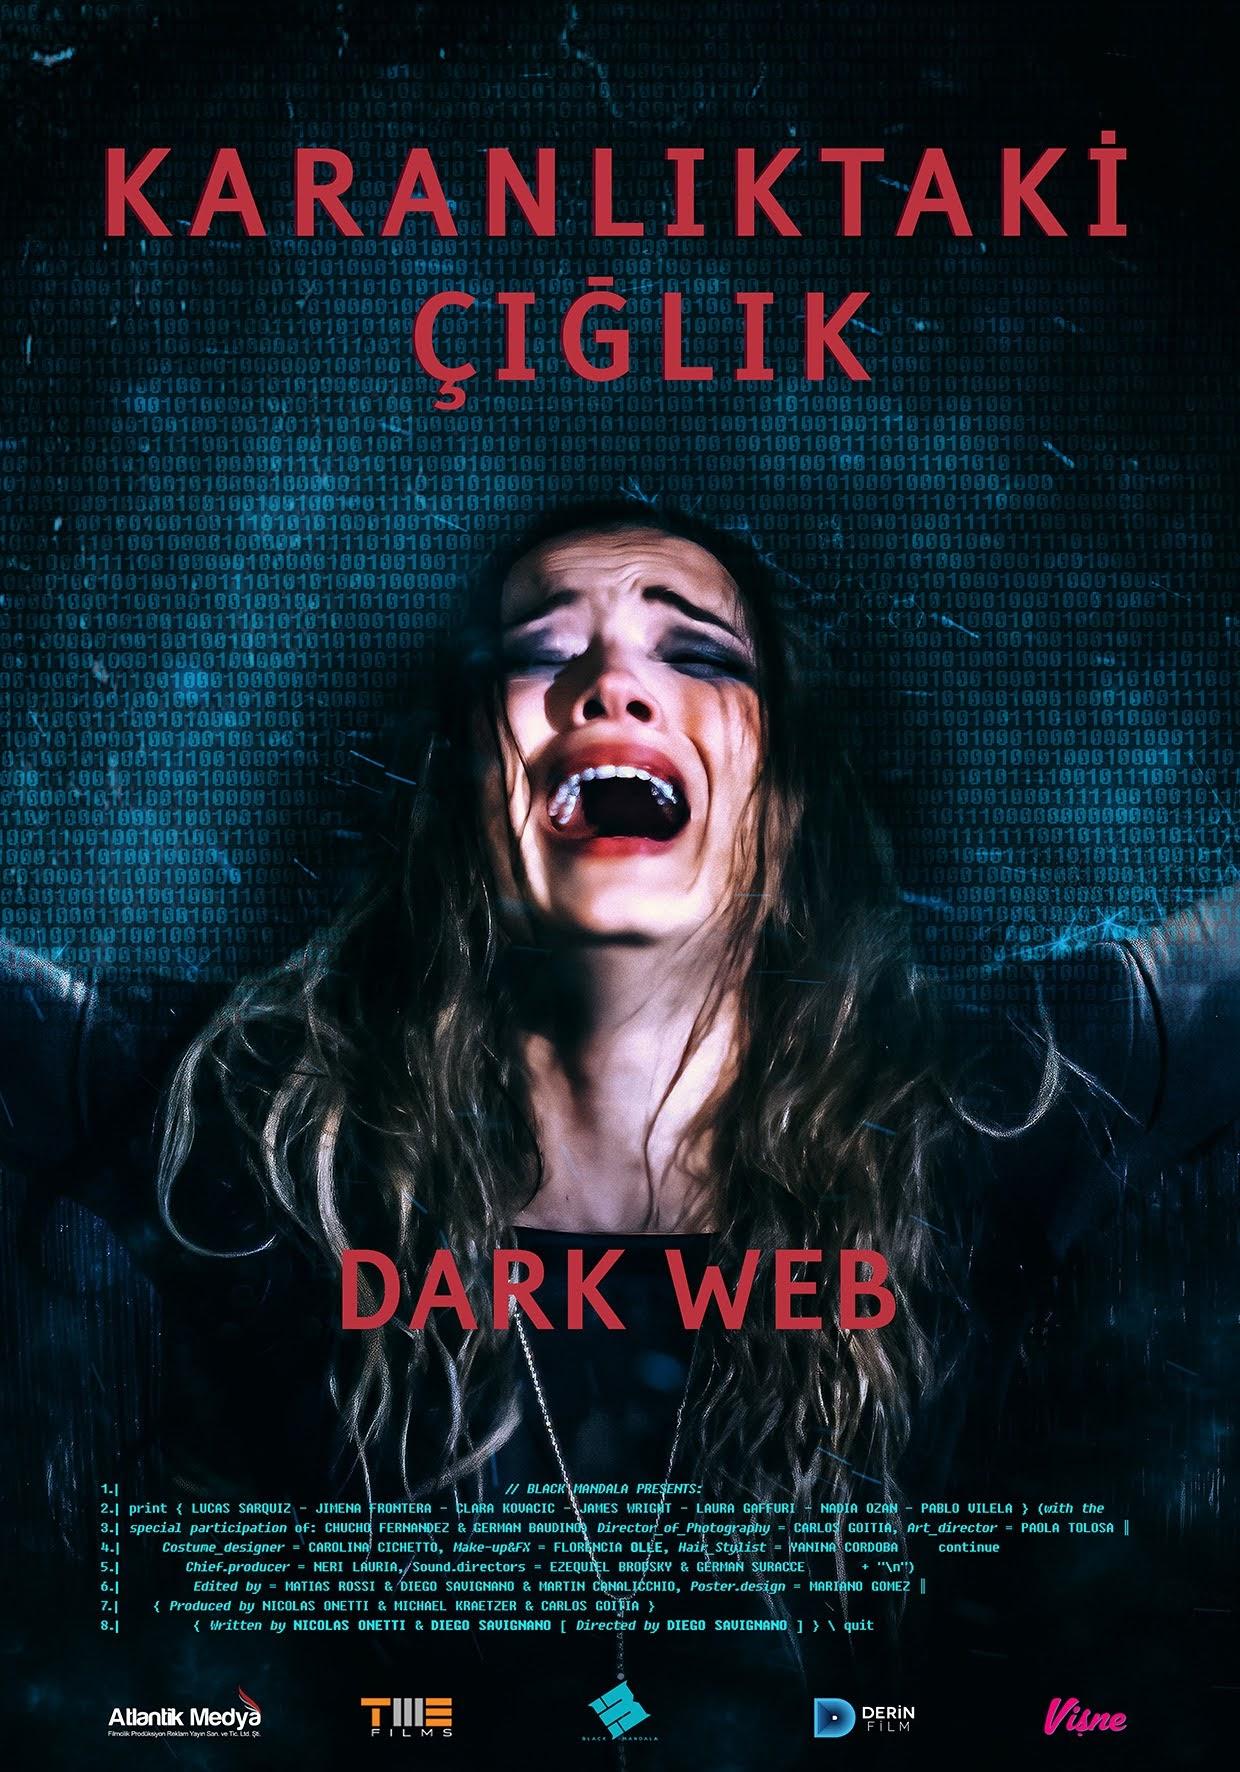 Dark Web - Karanlıktaki Çığlık (2021)